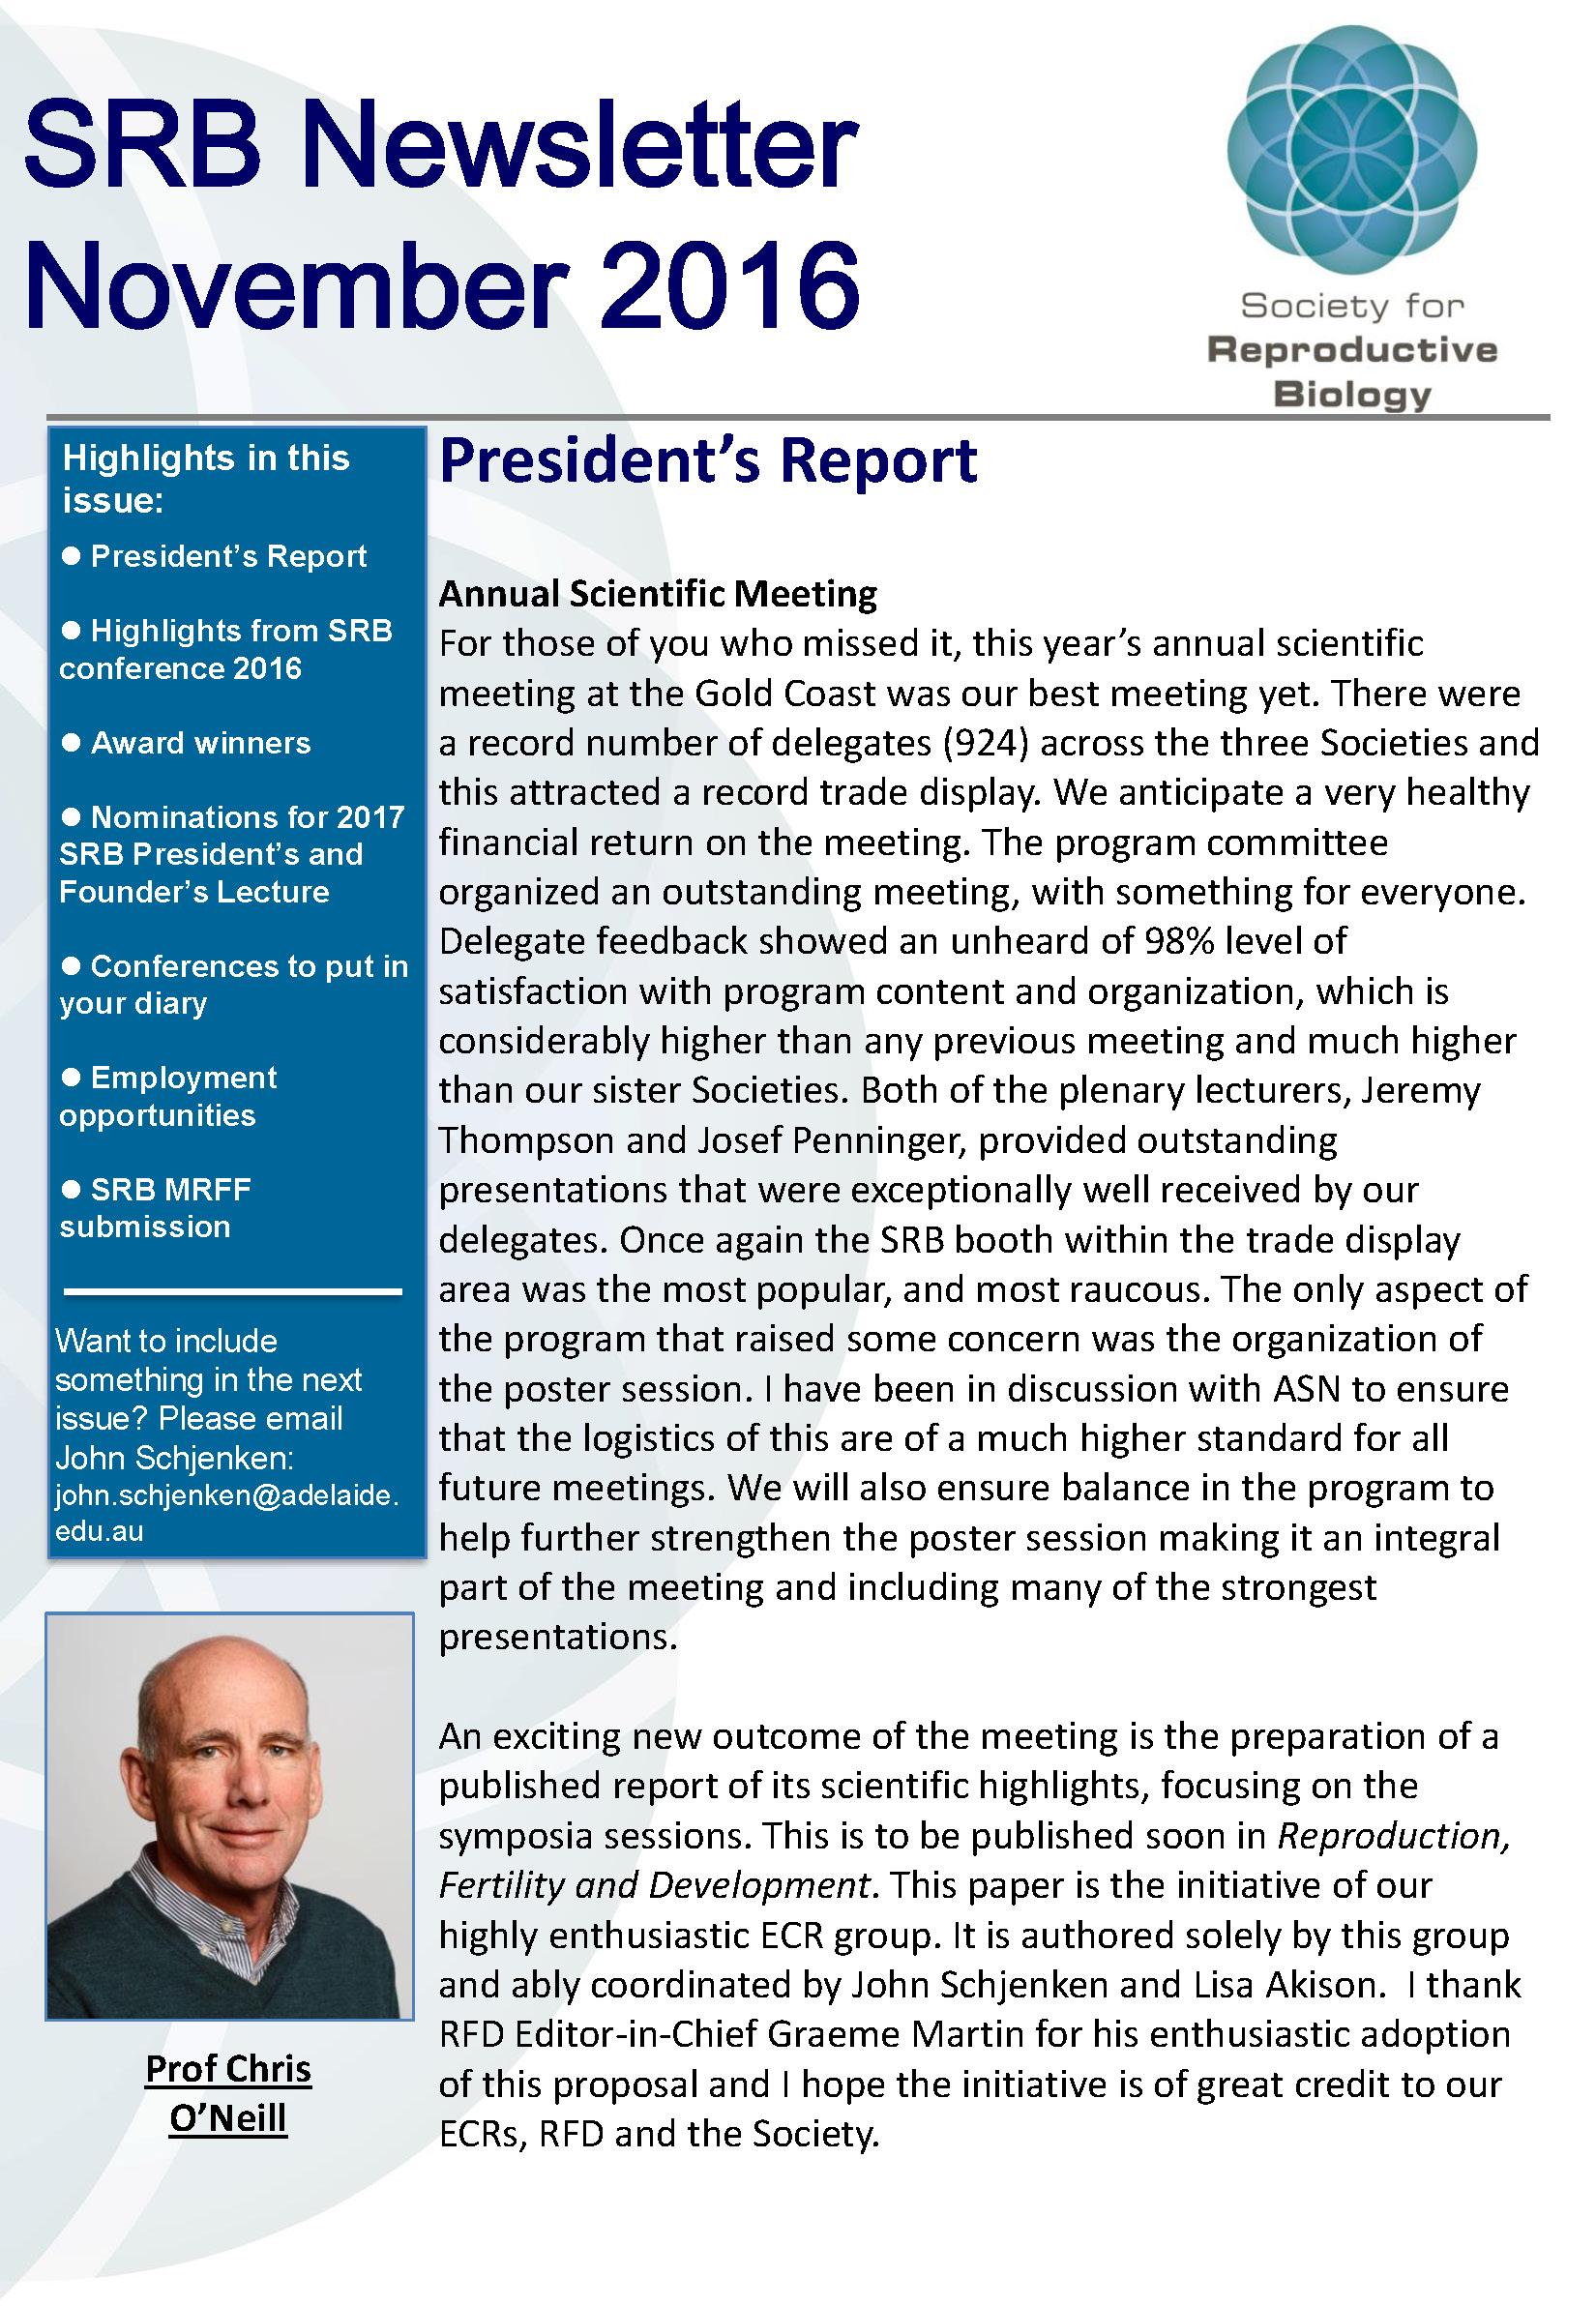 SRB-Newsletter-November-2016-2_Page_01.jpg